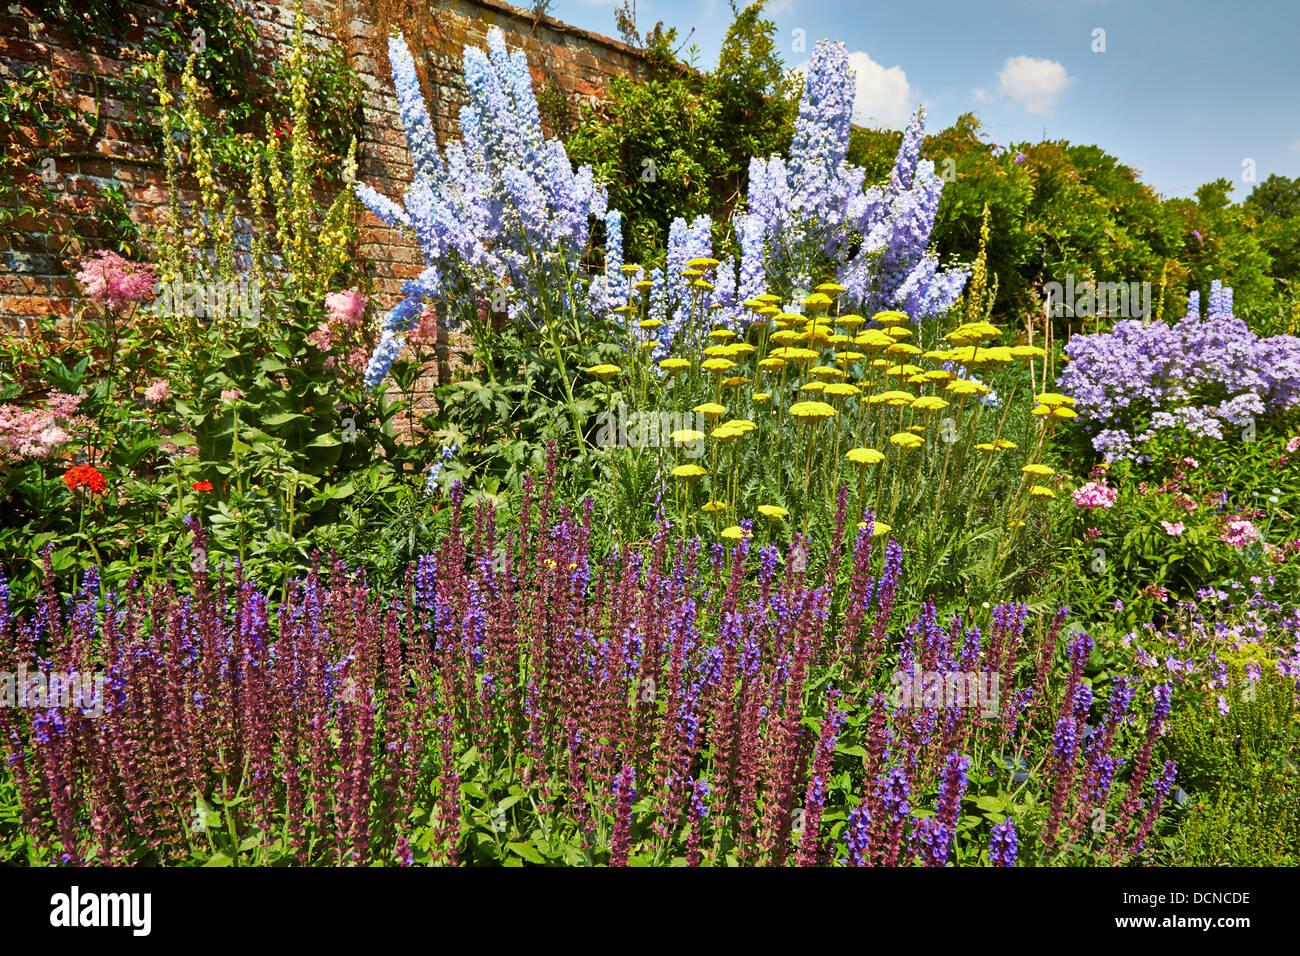 Waterperry Gärten und die prächtige ummauerten krautige Grenze auf ihrem Höhepunkt im Hochsommer Stockbild